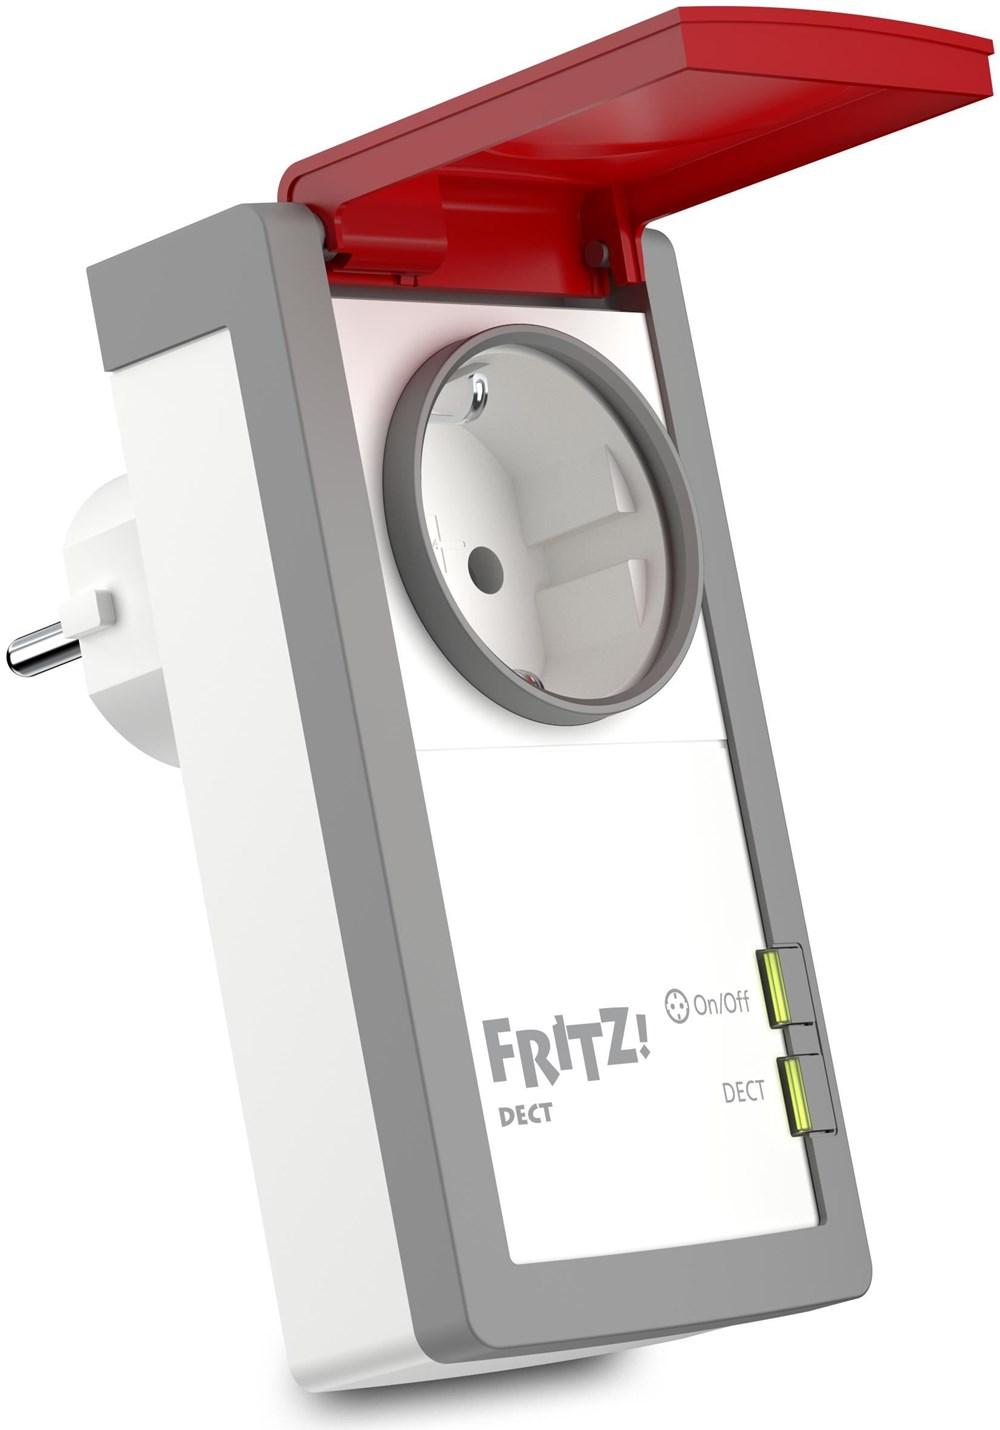 AVM FRITZ!DECT 210 intelligente Steckdose für Haus und Garten ...